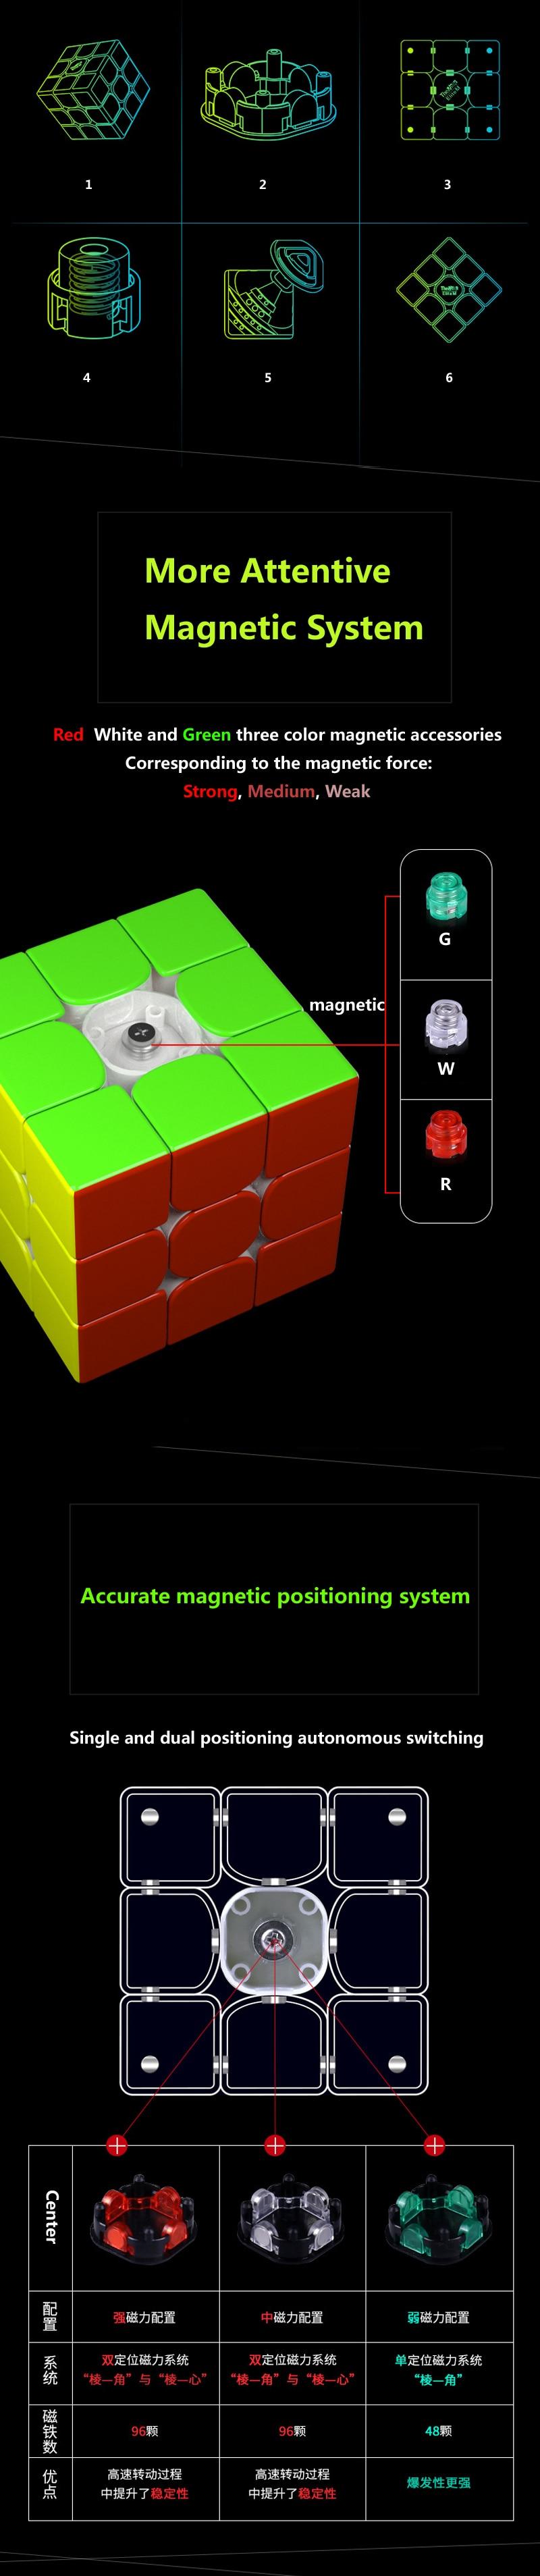 cubo magico professional cubos brinquedo wca quebra-cabeça cubos mágicos